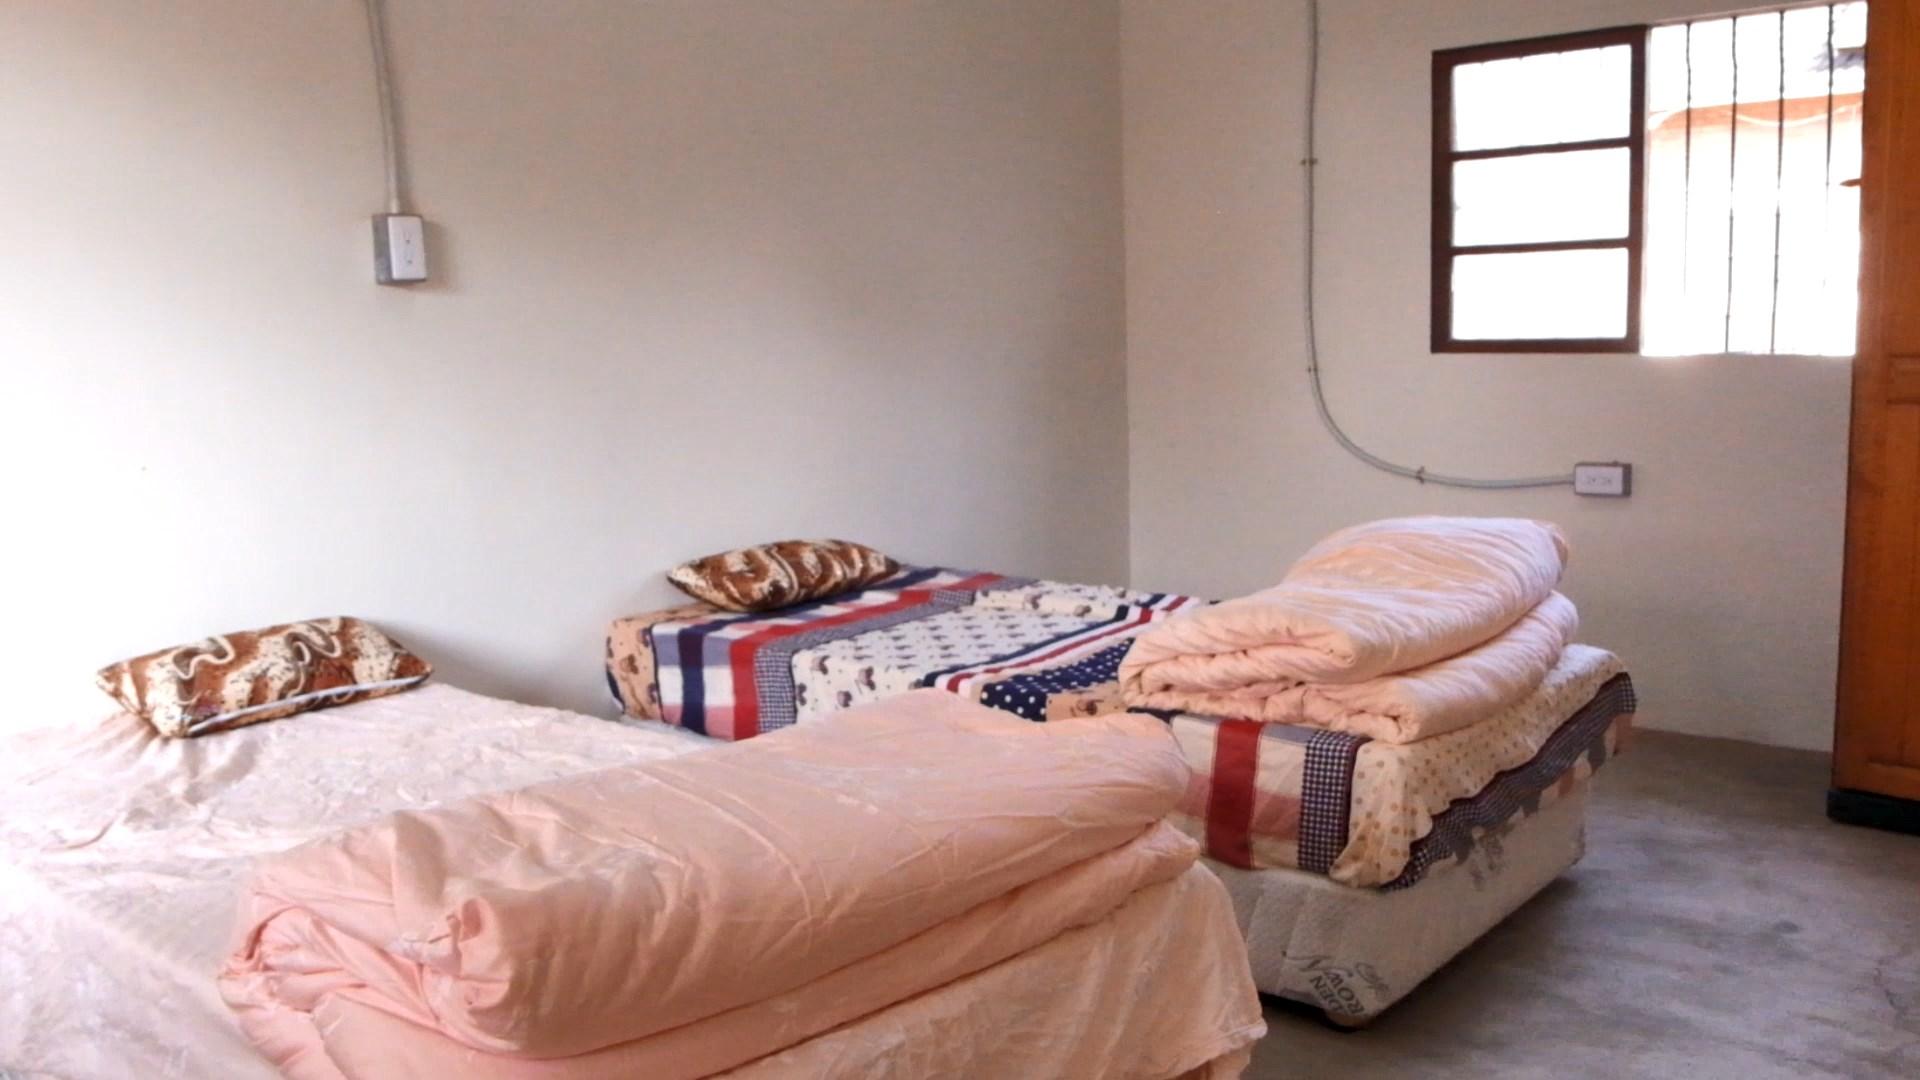 熱血工程組在短短兩天的時間,幫案主吳先生的家重新裝潢、整理。